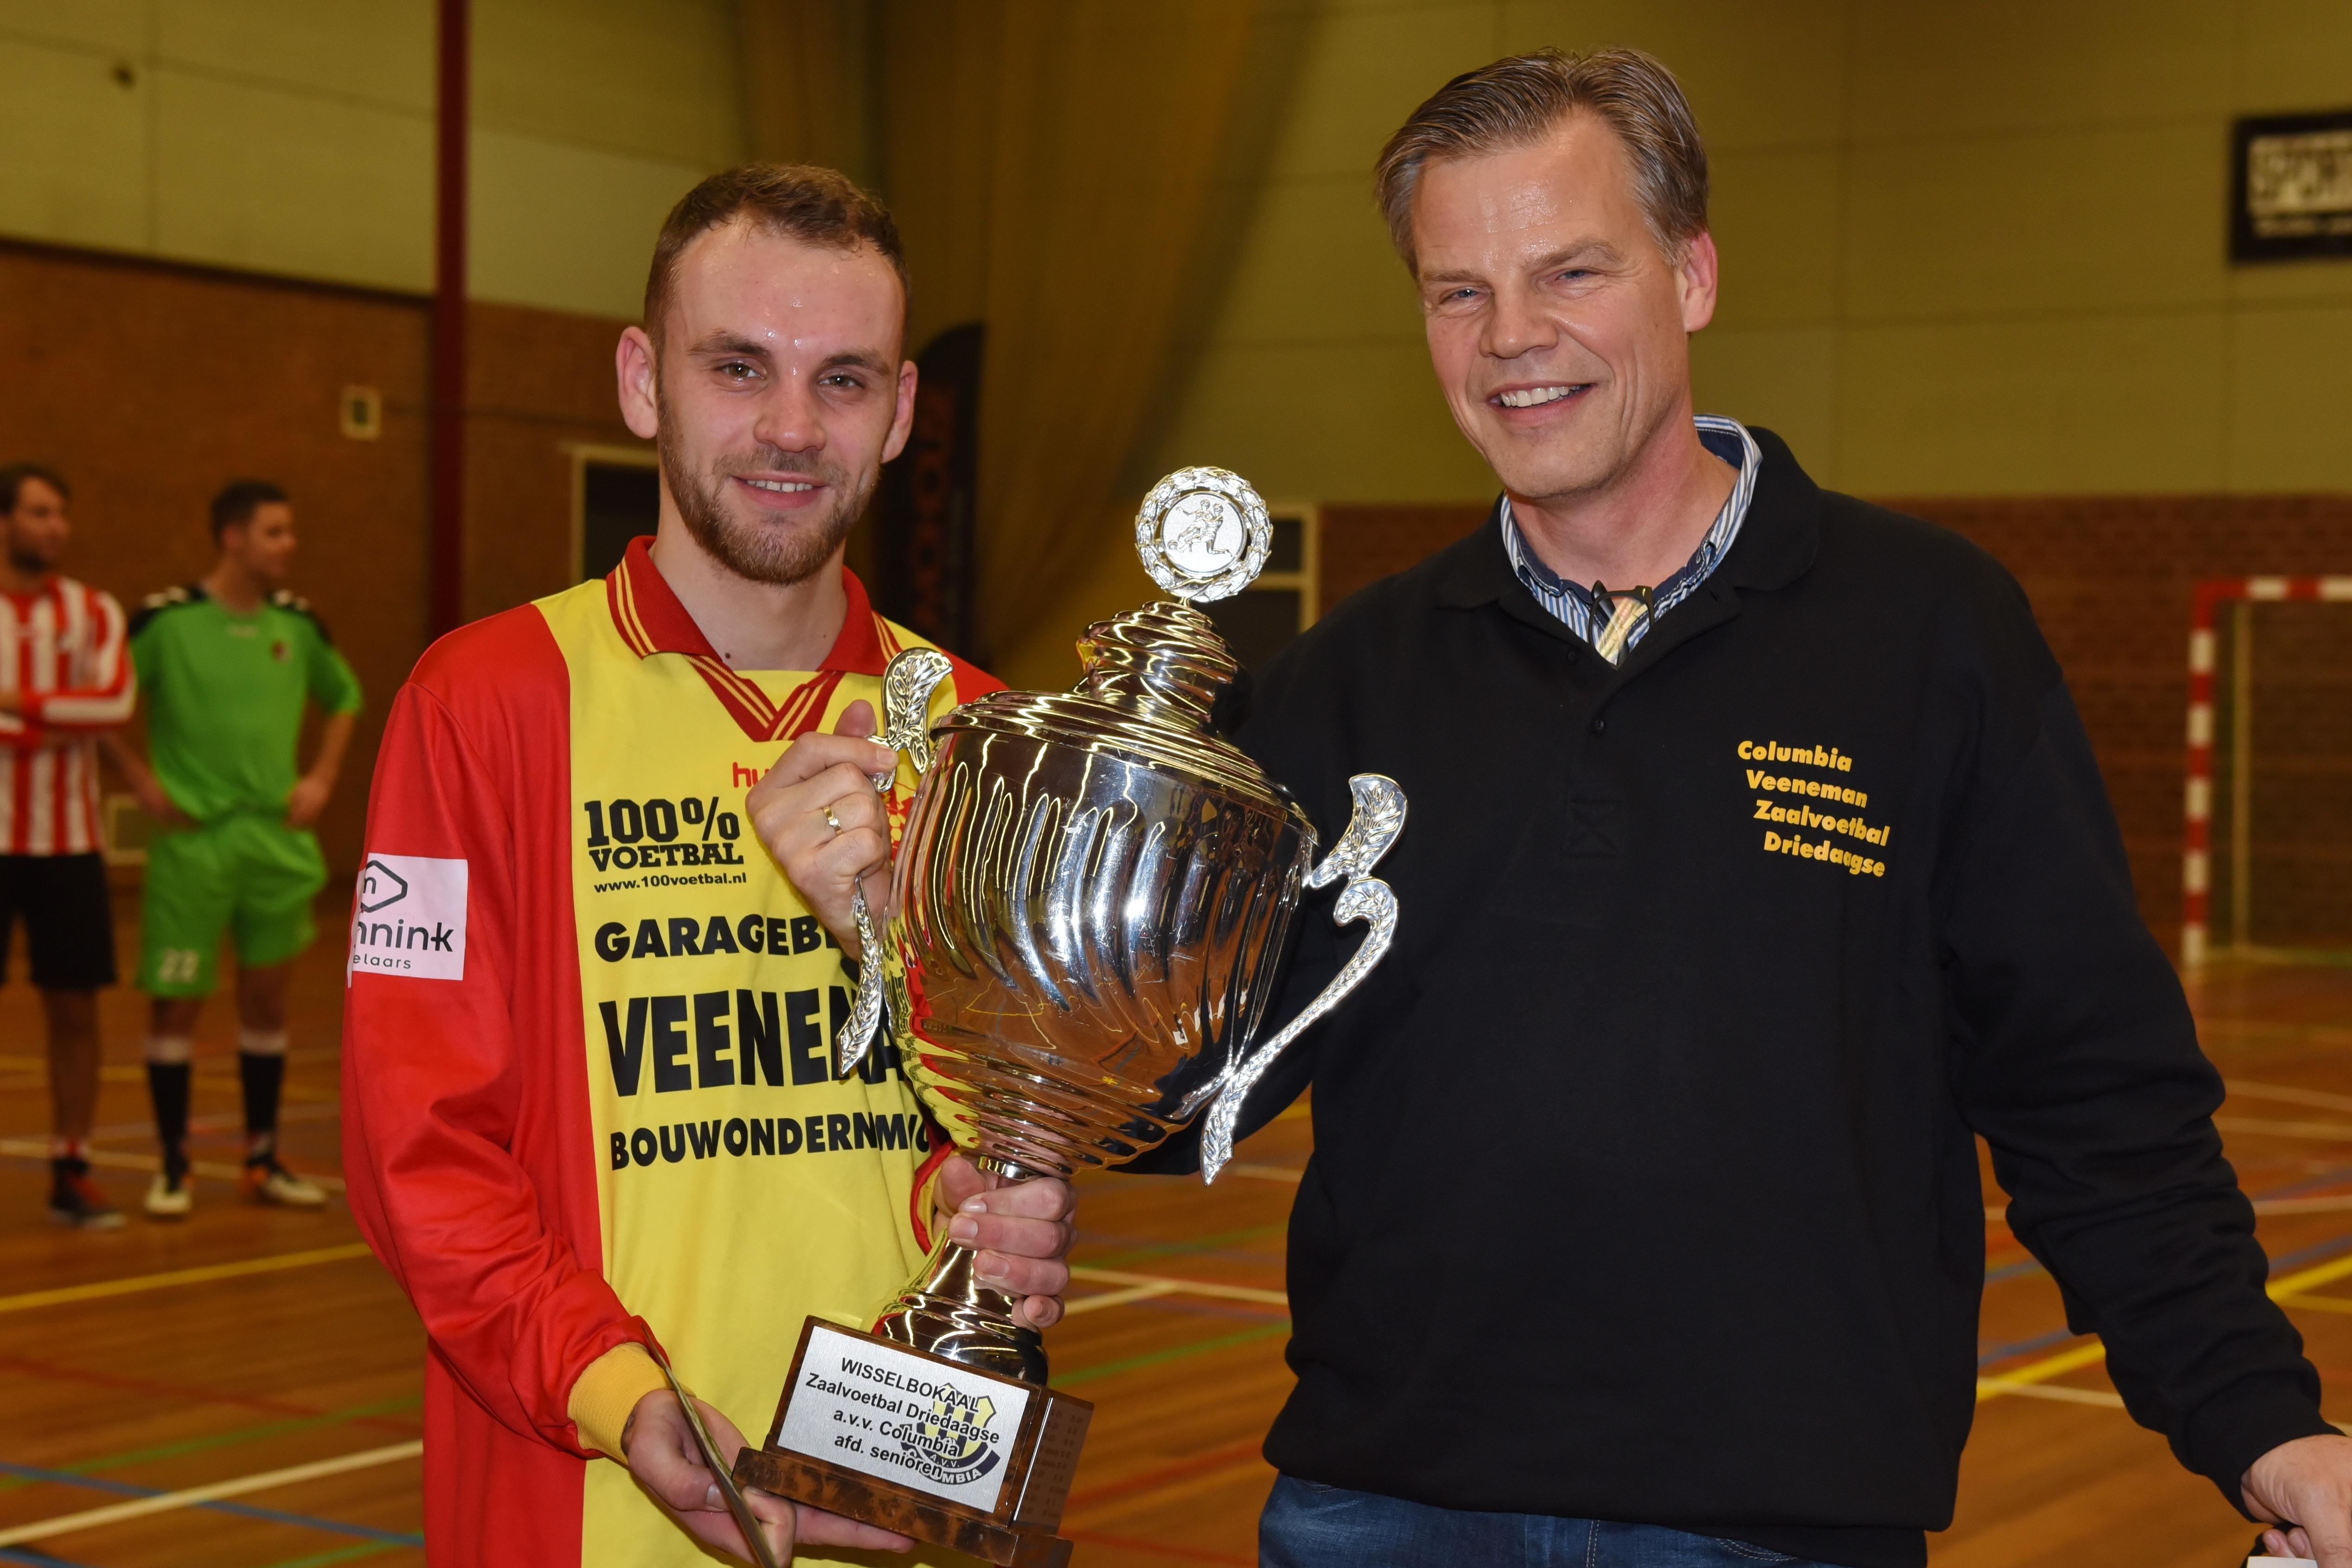 csv Apeldoorn winnaar 34e editie Columbia Veeneman Zaalvoetbaldriedaagse